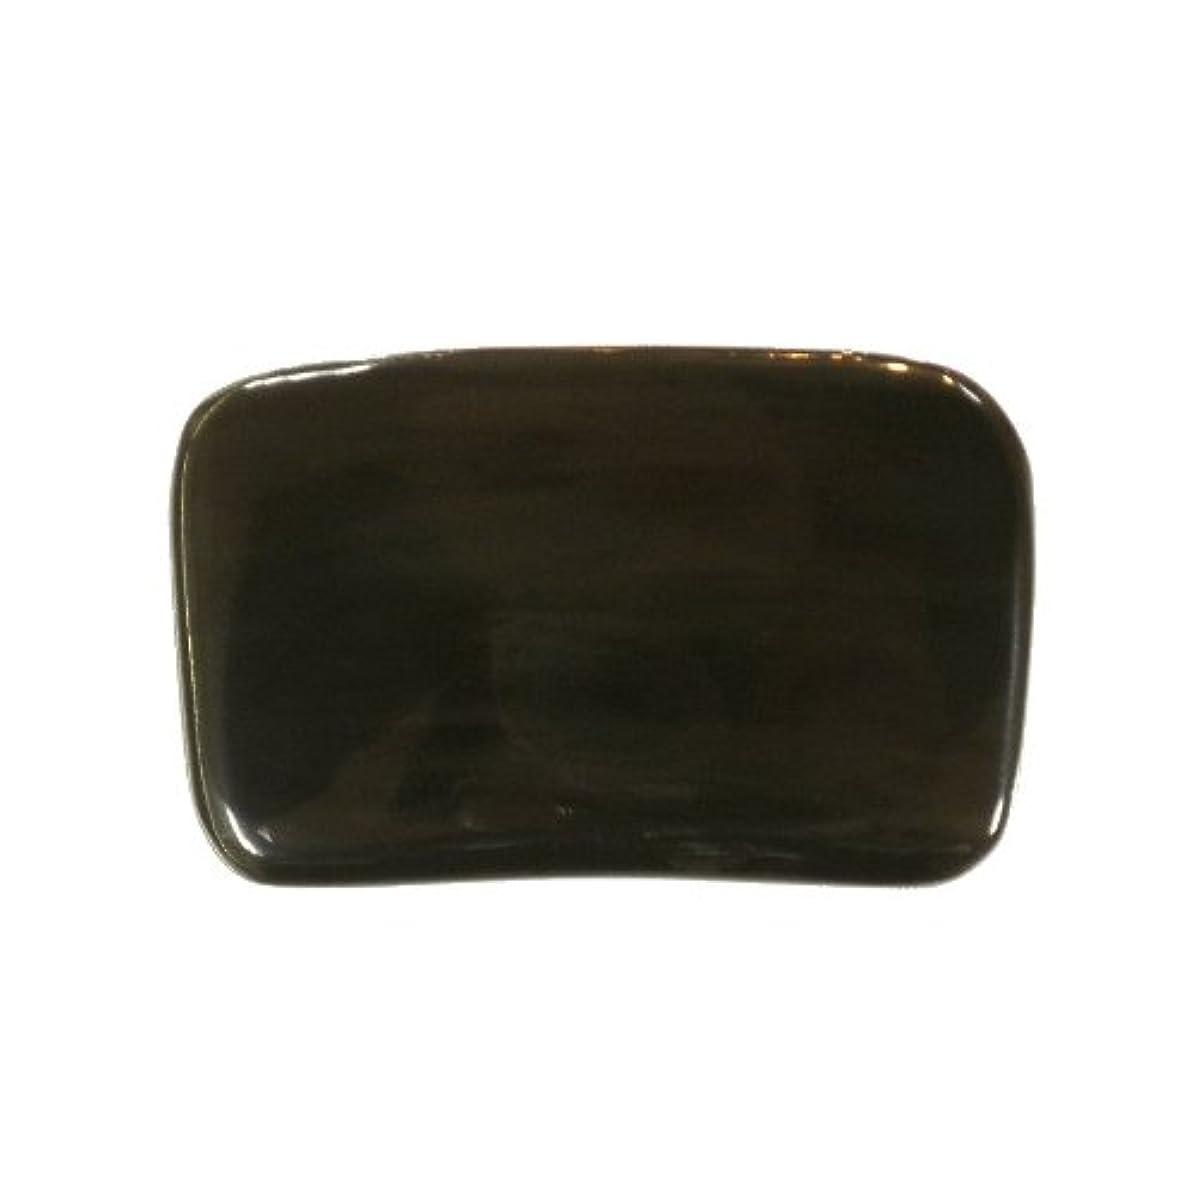 ロビージョセフバンクスドラッグかっさ プレート 厚さが選べる ヤクの角(水牛の角) EHE267SP 長方形小 特級品 特厚(8ミリ程度[100円加算])